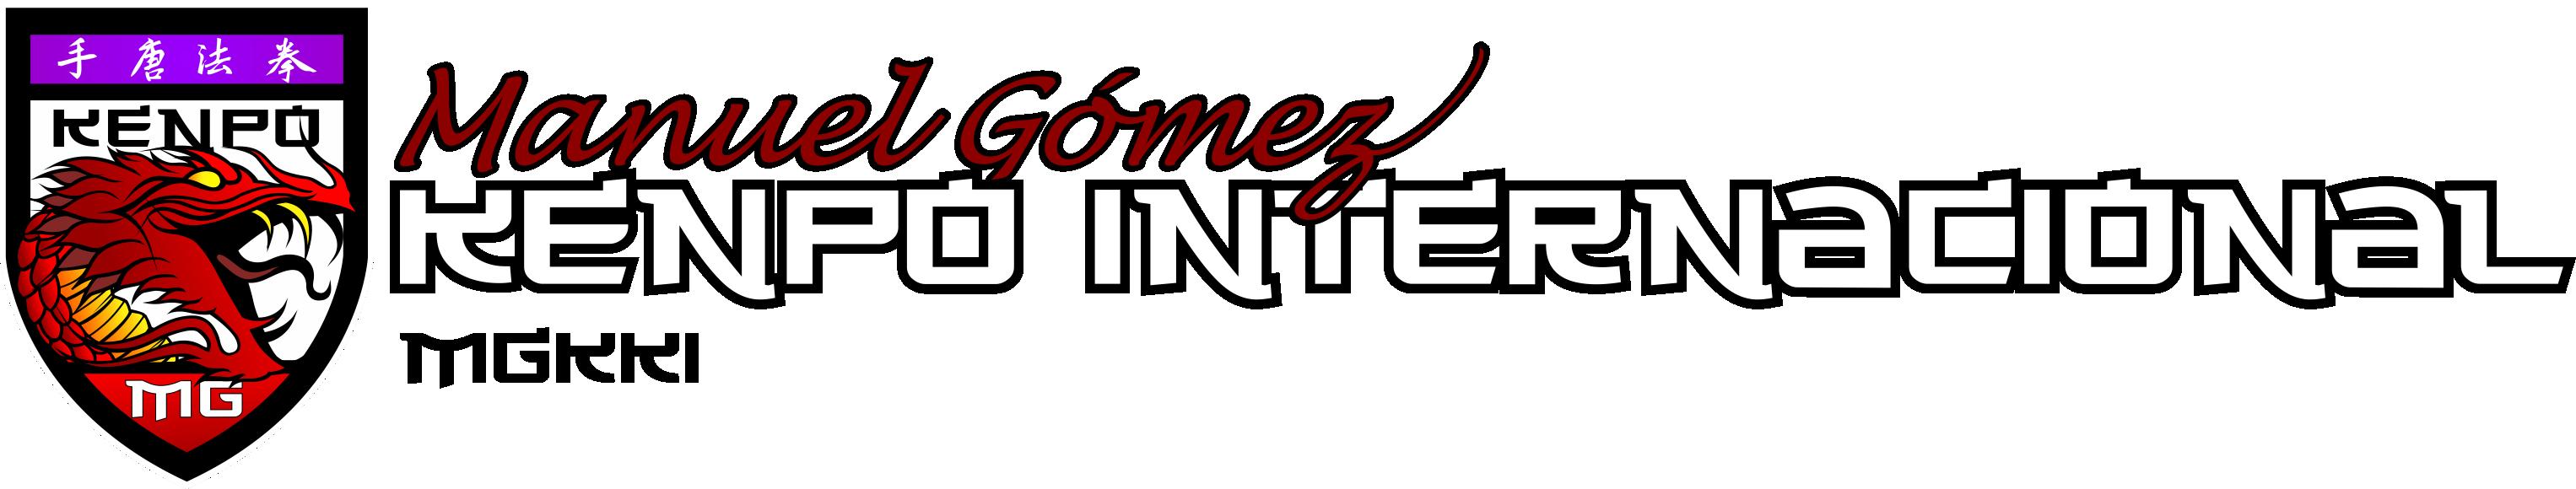 Manuel Gómez Kenpo Internacional